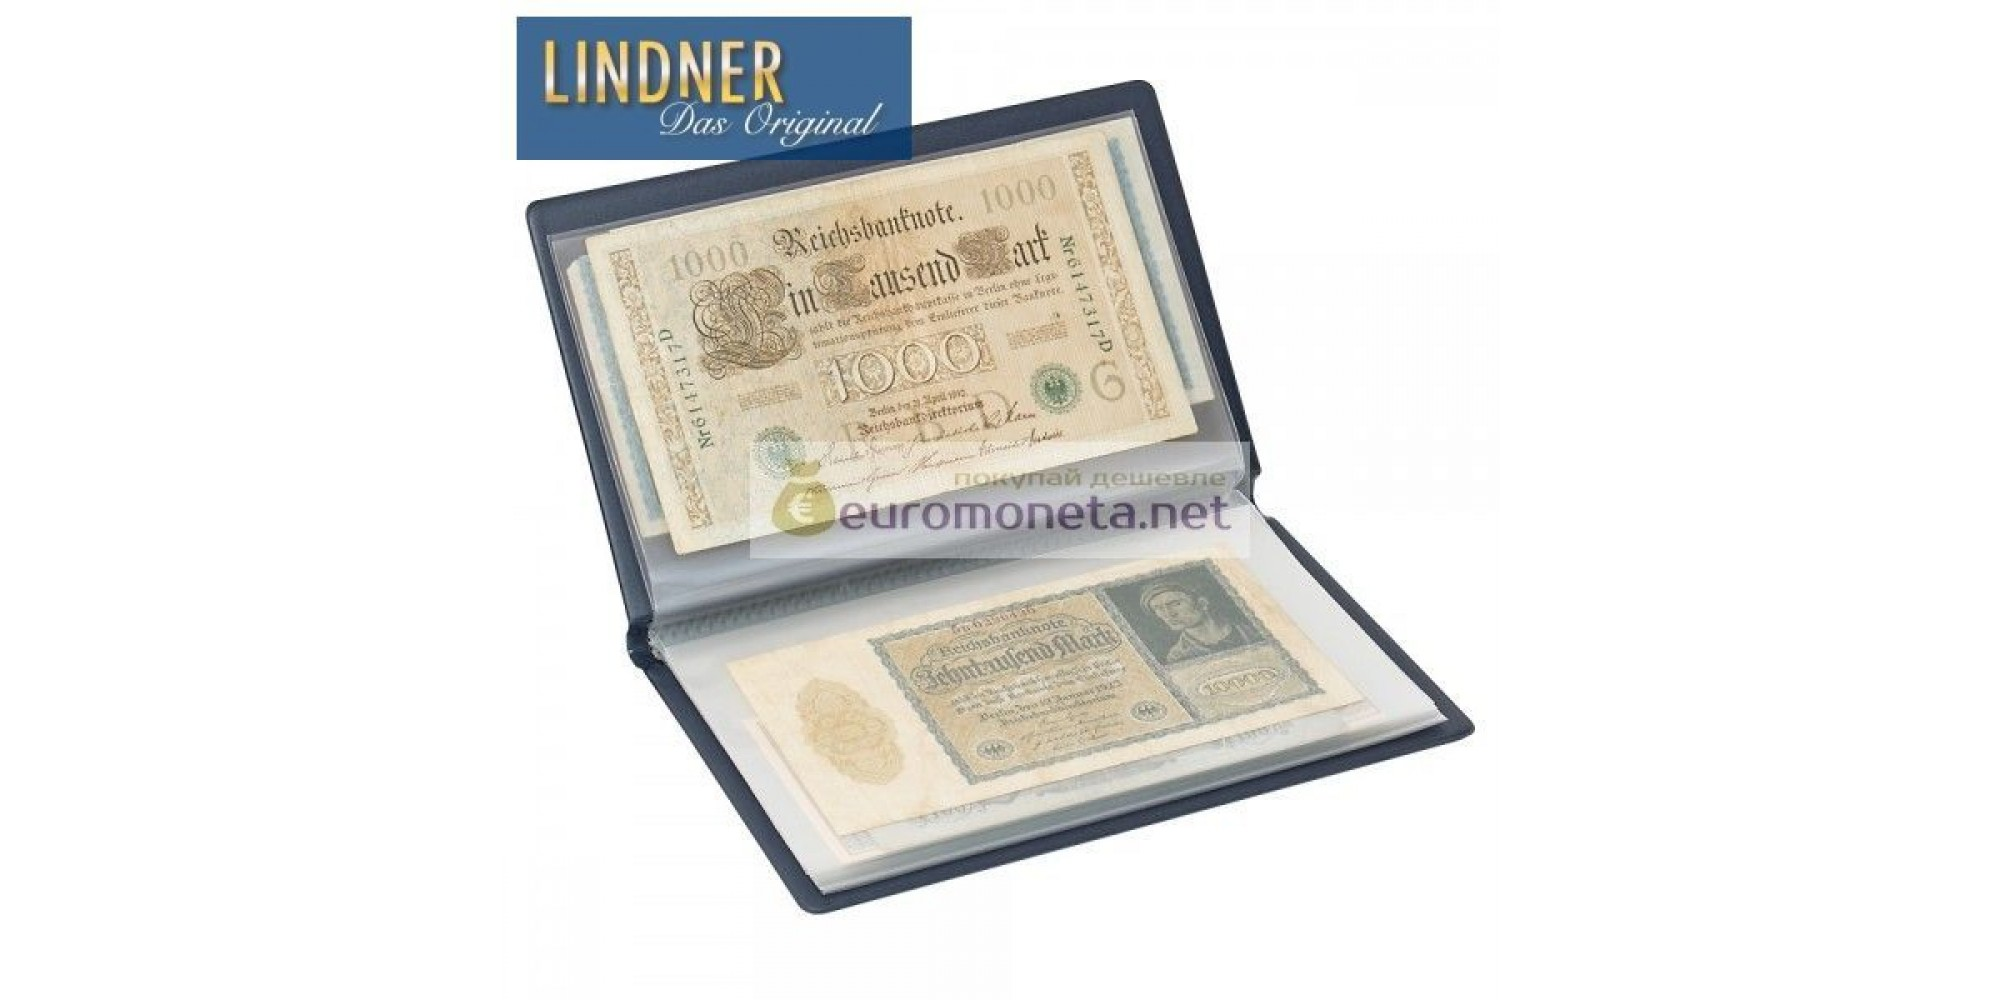 Карманный альбом для банкнот, открыток, конвертов и прочего, синий, пр-во Lindner Германия